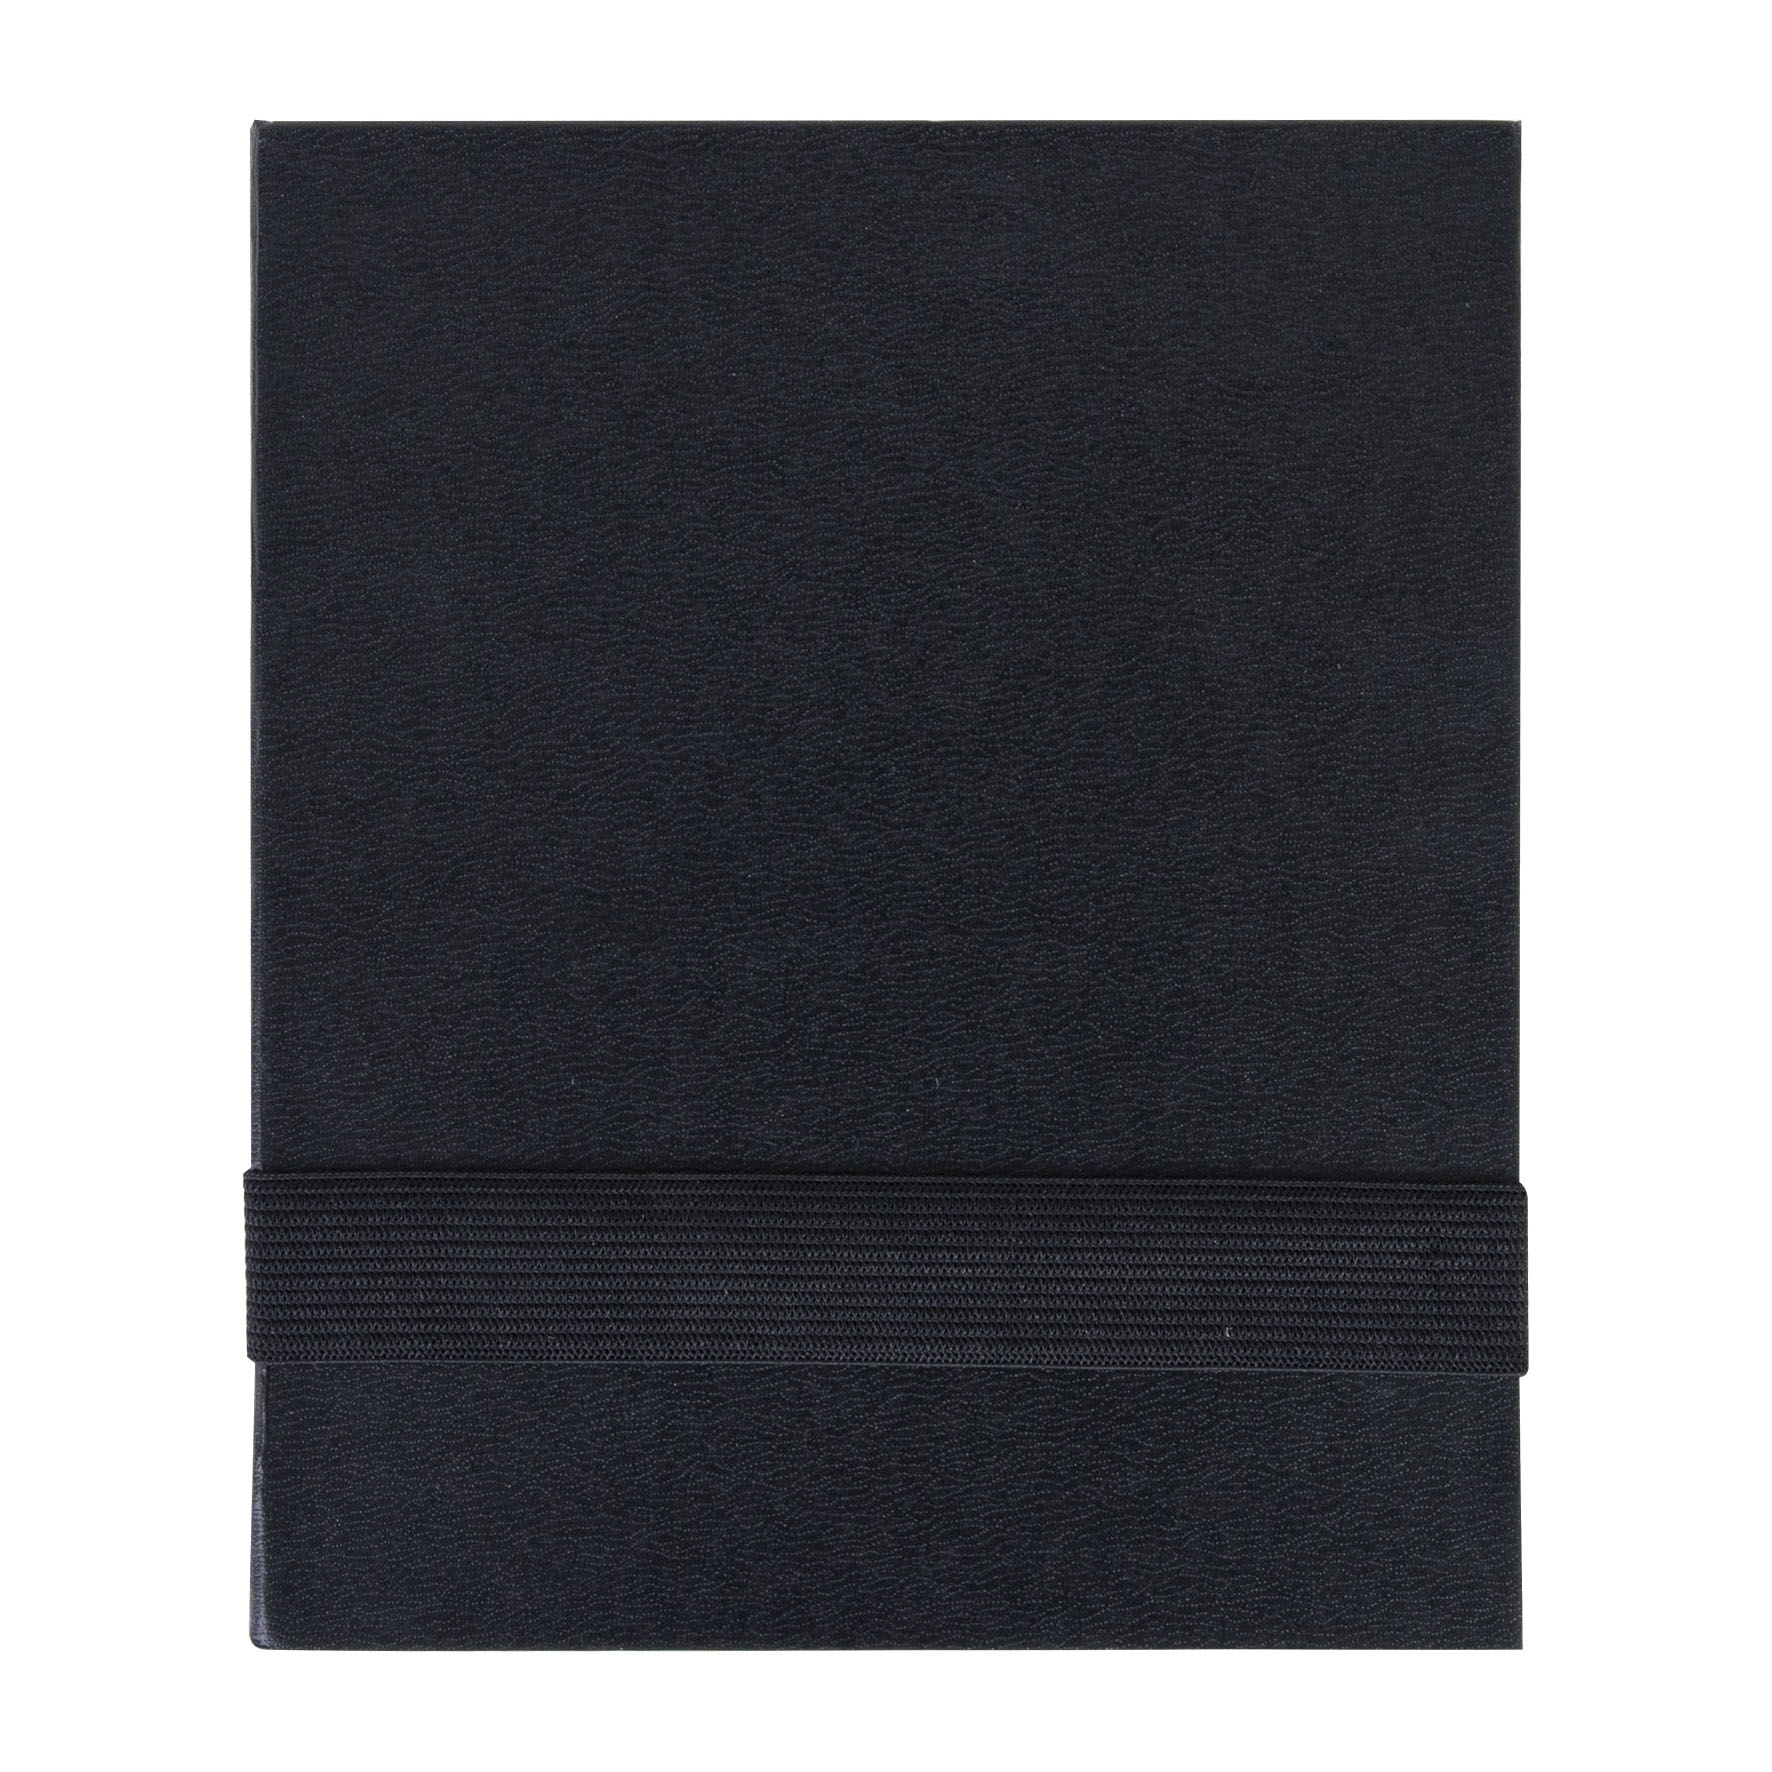 Bloc-notes publicitaire A7 adhesifs et stylo Black - objet publicitaire